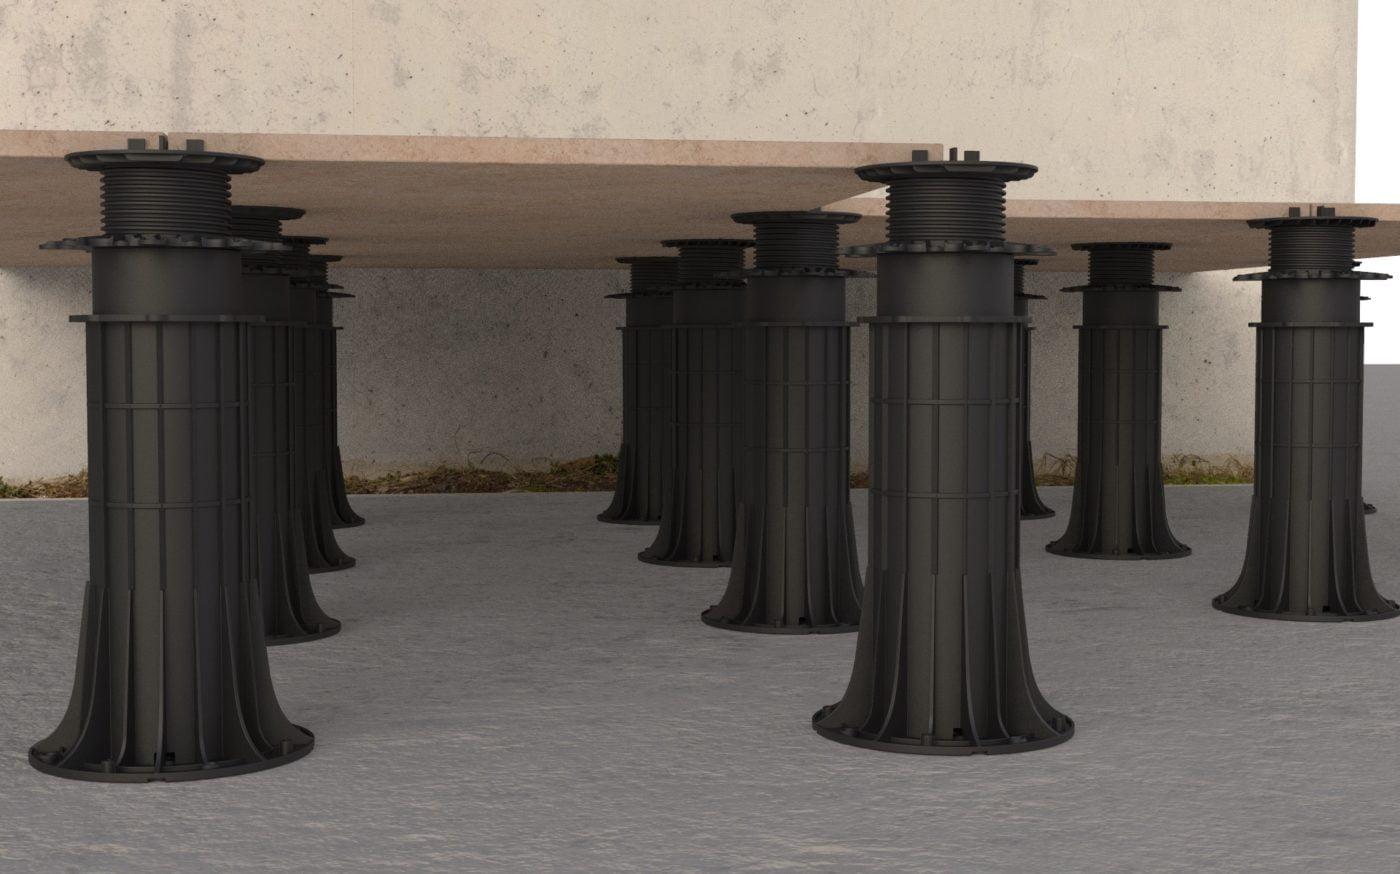 Adjustable Pedestals and Porcelain